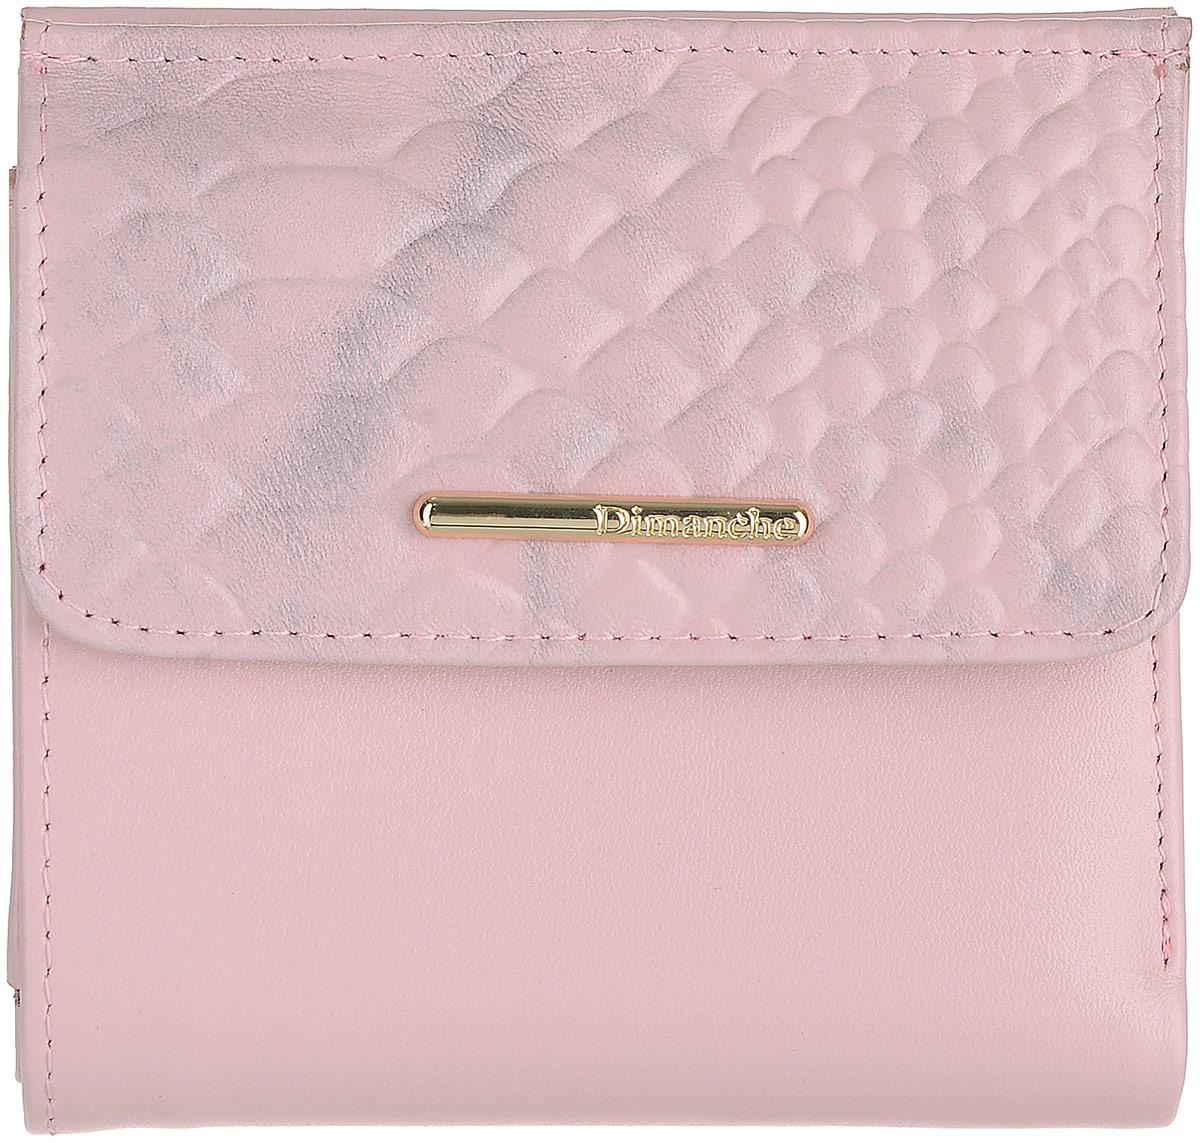 Кошелек женский Dimanche, цвет: серо-розовый. 792JC50-63278Кошелек Dimanche выполнен из натуральной тисненой кожи и оформлен декоративной пластиной с названием бренда. На лицевой стороне расположен объемный карман для мелочи, который закрывается клапаном с кнопкой. Внутри расположено два открытых кармана для купюр, карман для купюр на молнии, два кармана для кредиток, карман для sim-карты, карман с пластиковым окошком для документов и два вертикальных кармана.